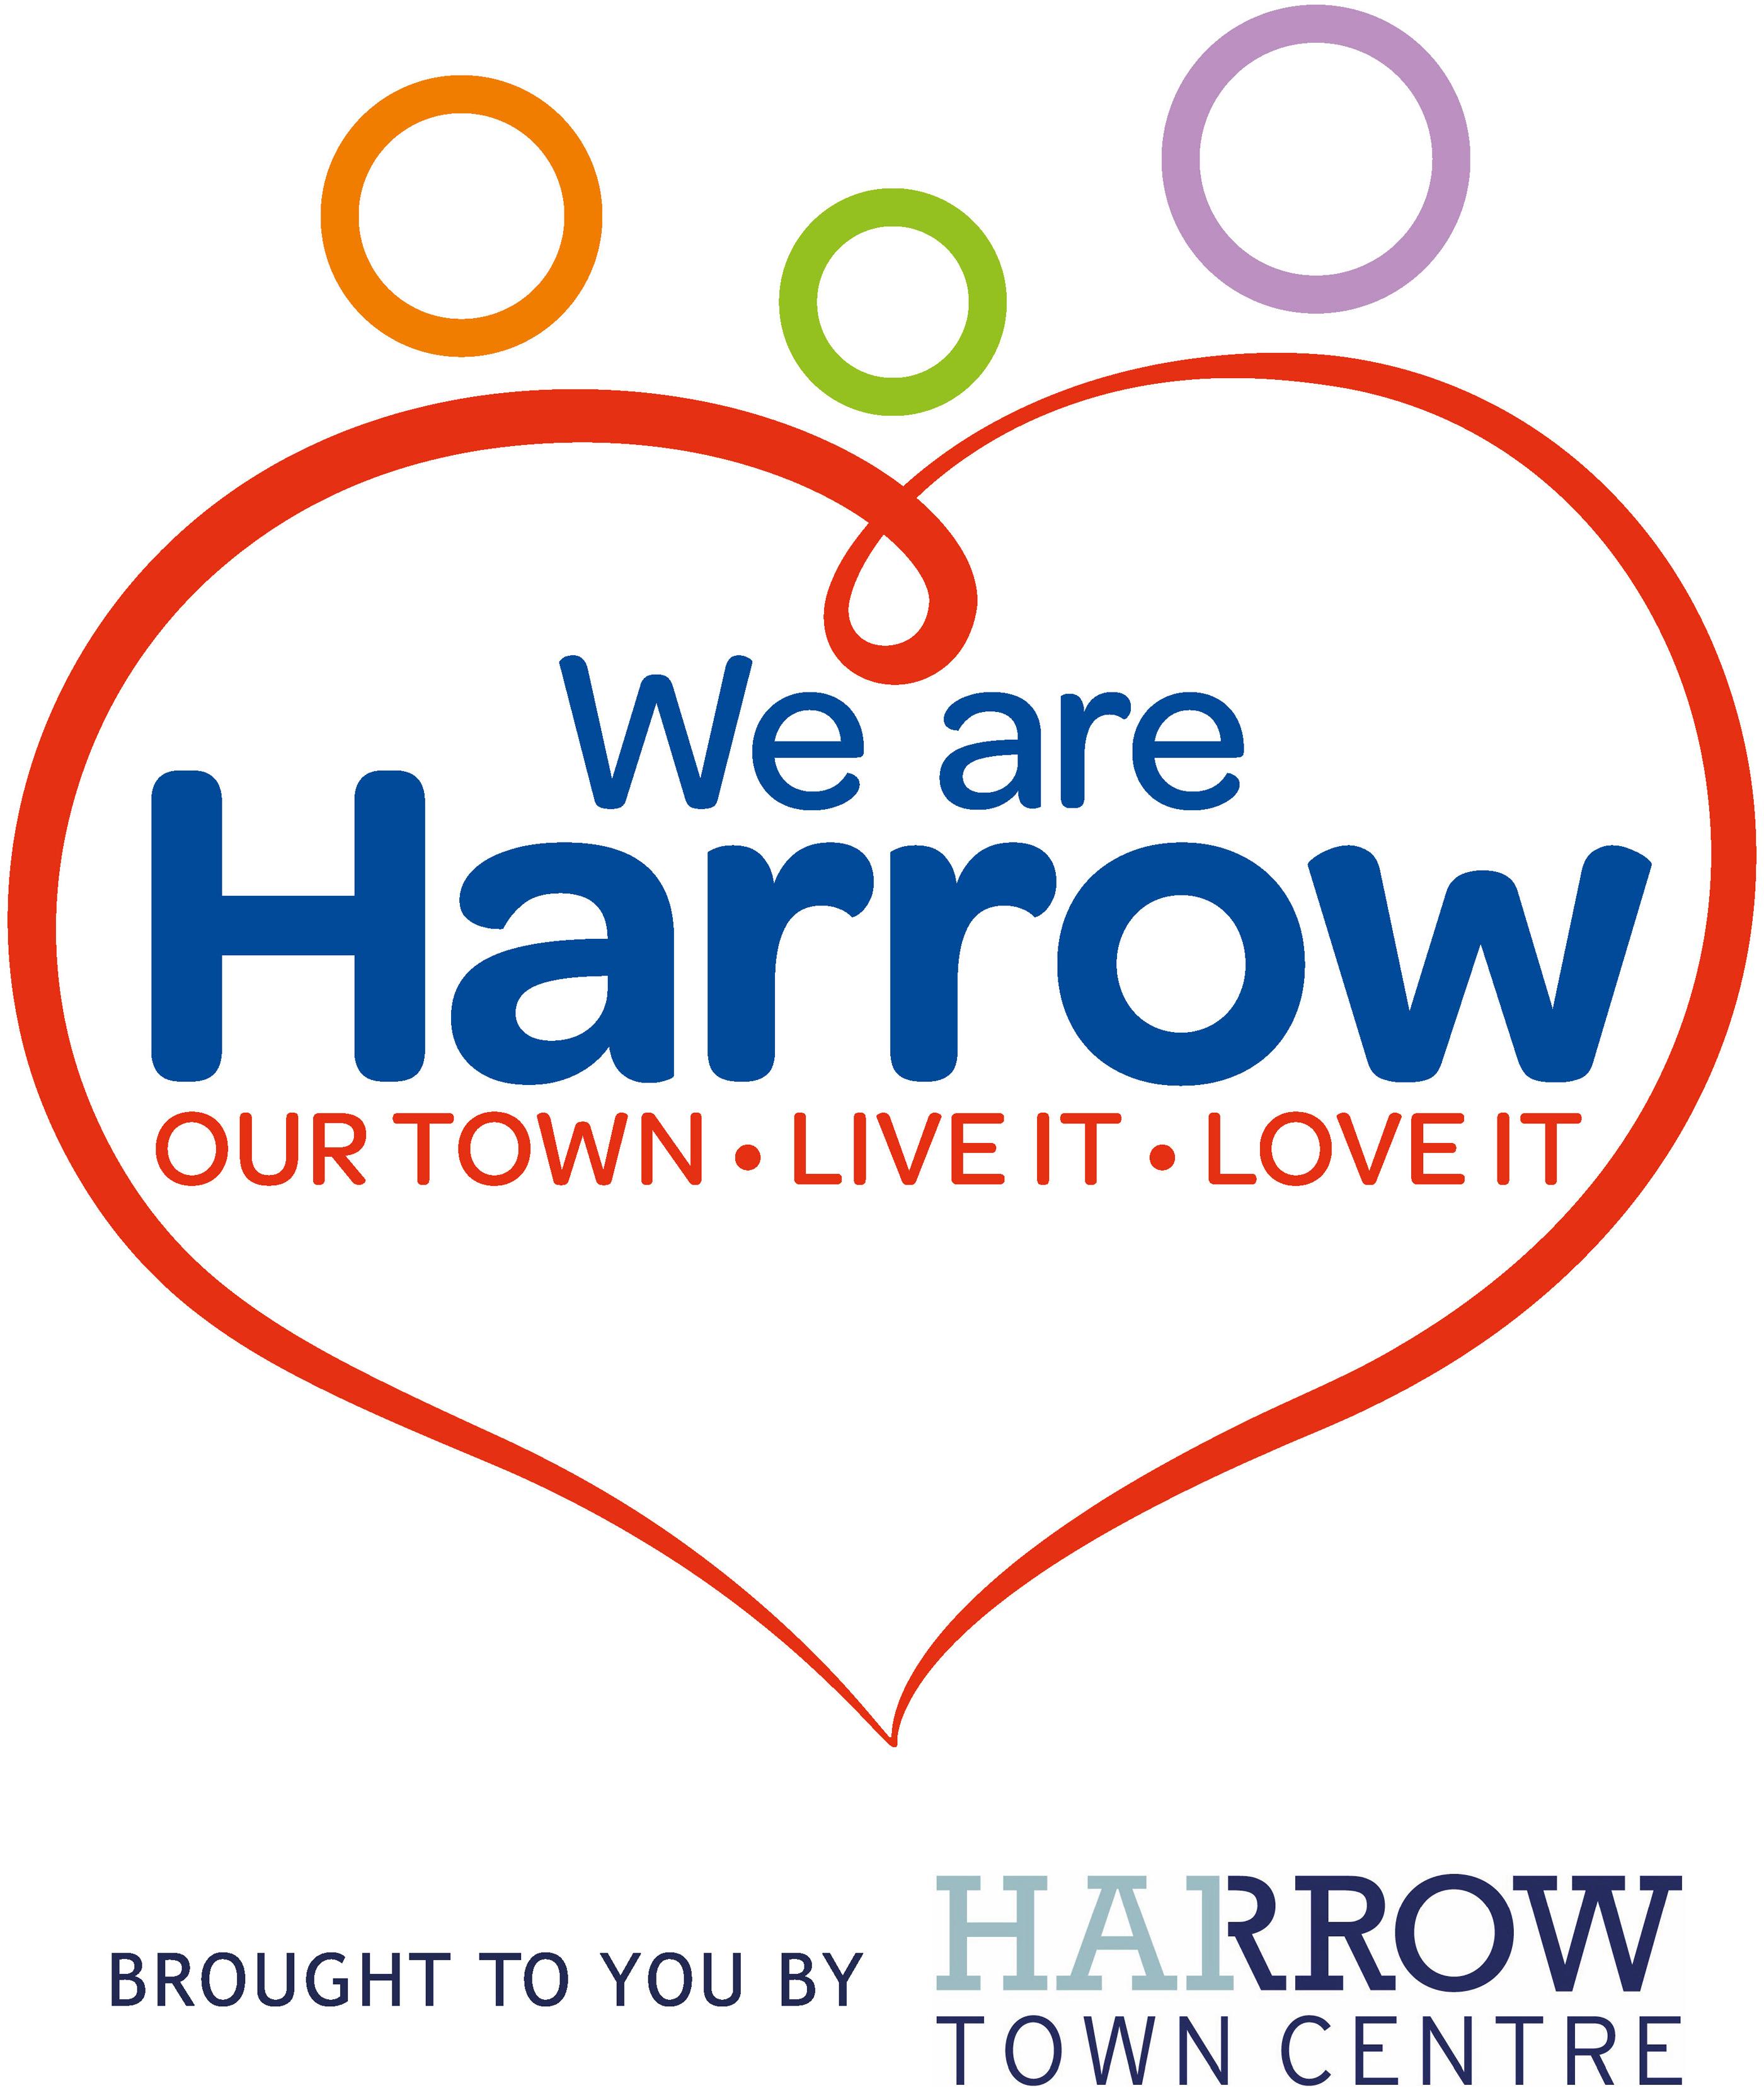 We are Harrow